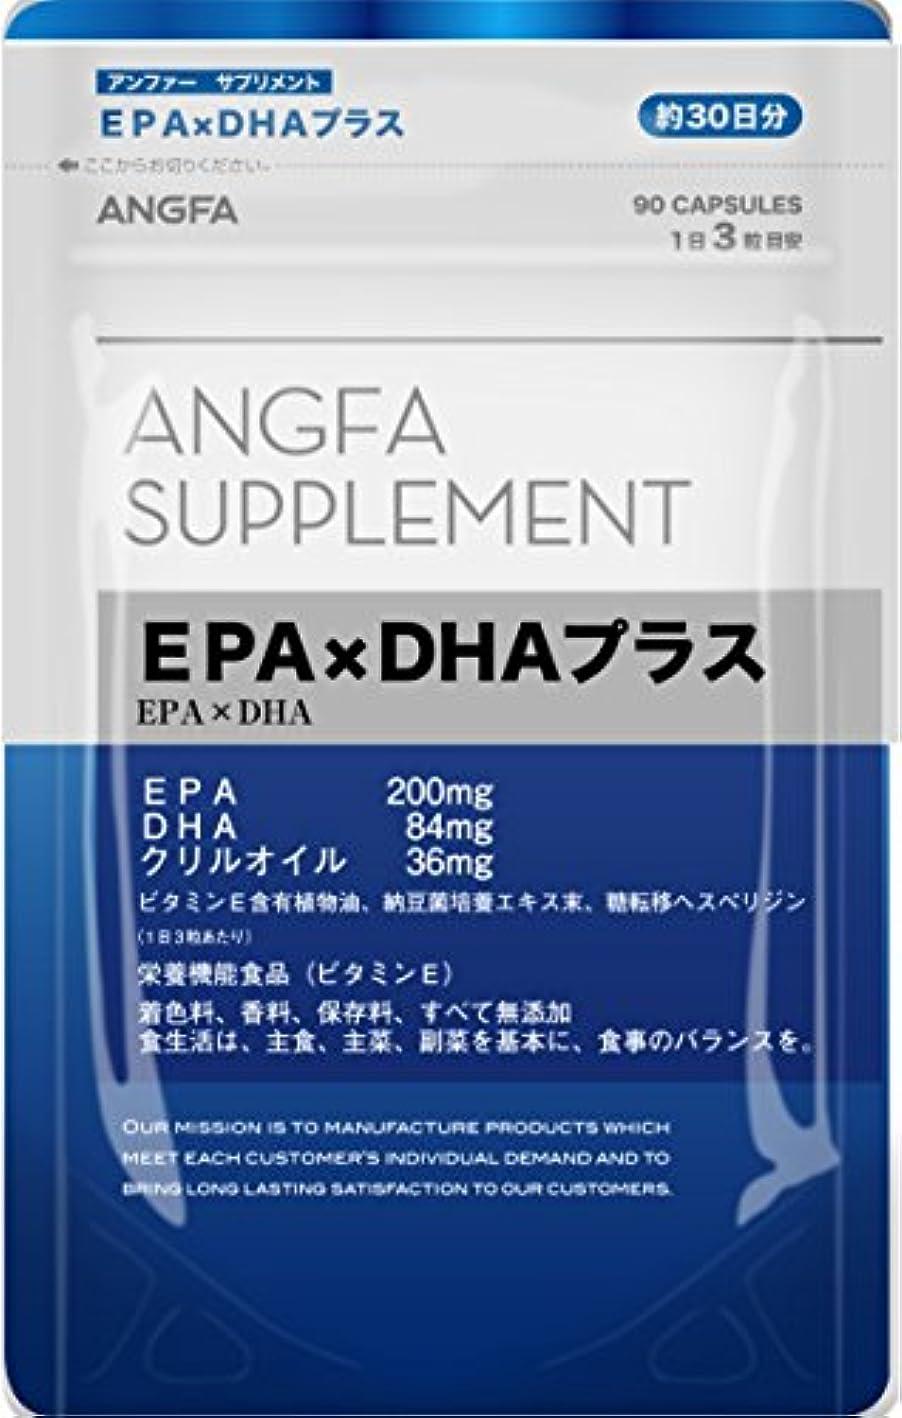 染料気分が悪い発生アンファー (ANGFA) サプリメント EPA × DHA プラス 90粒